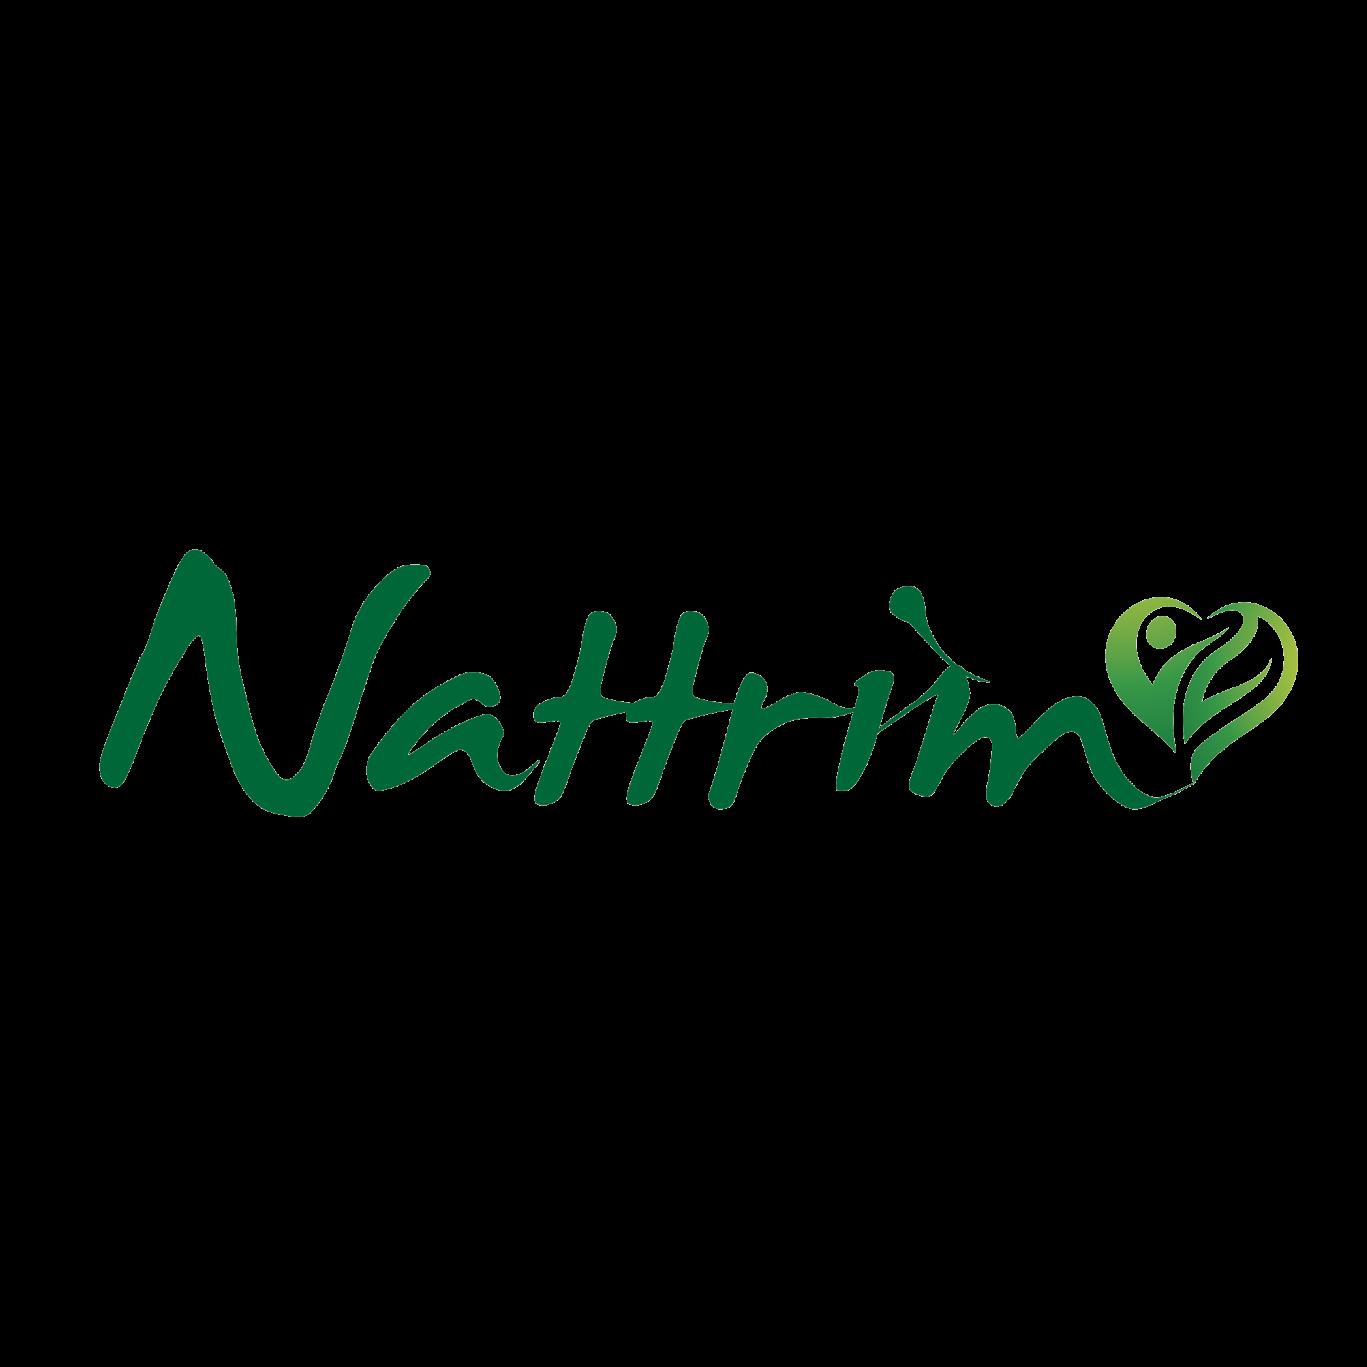 Nattrim